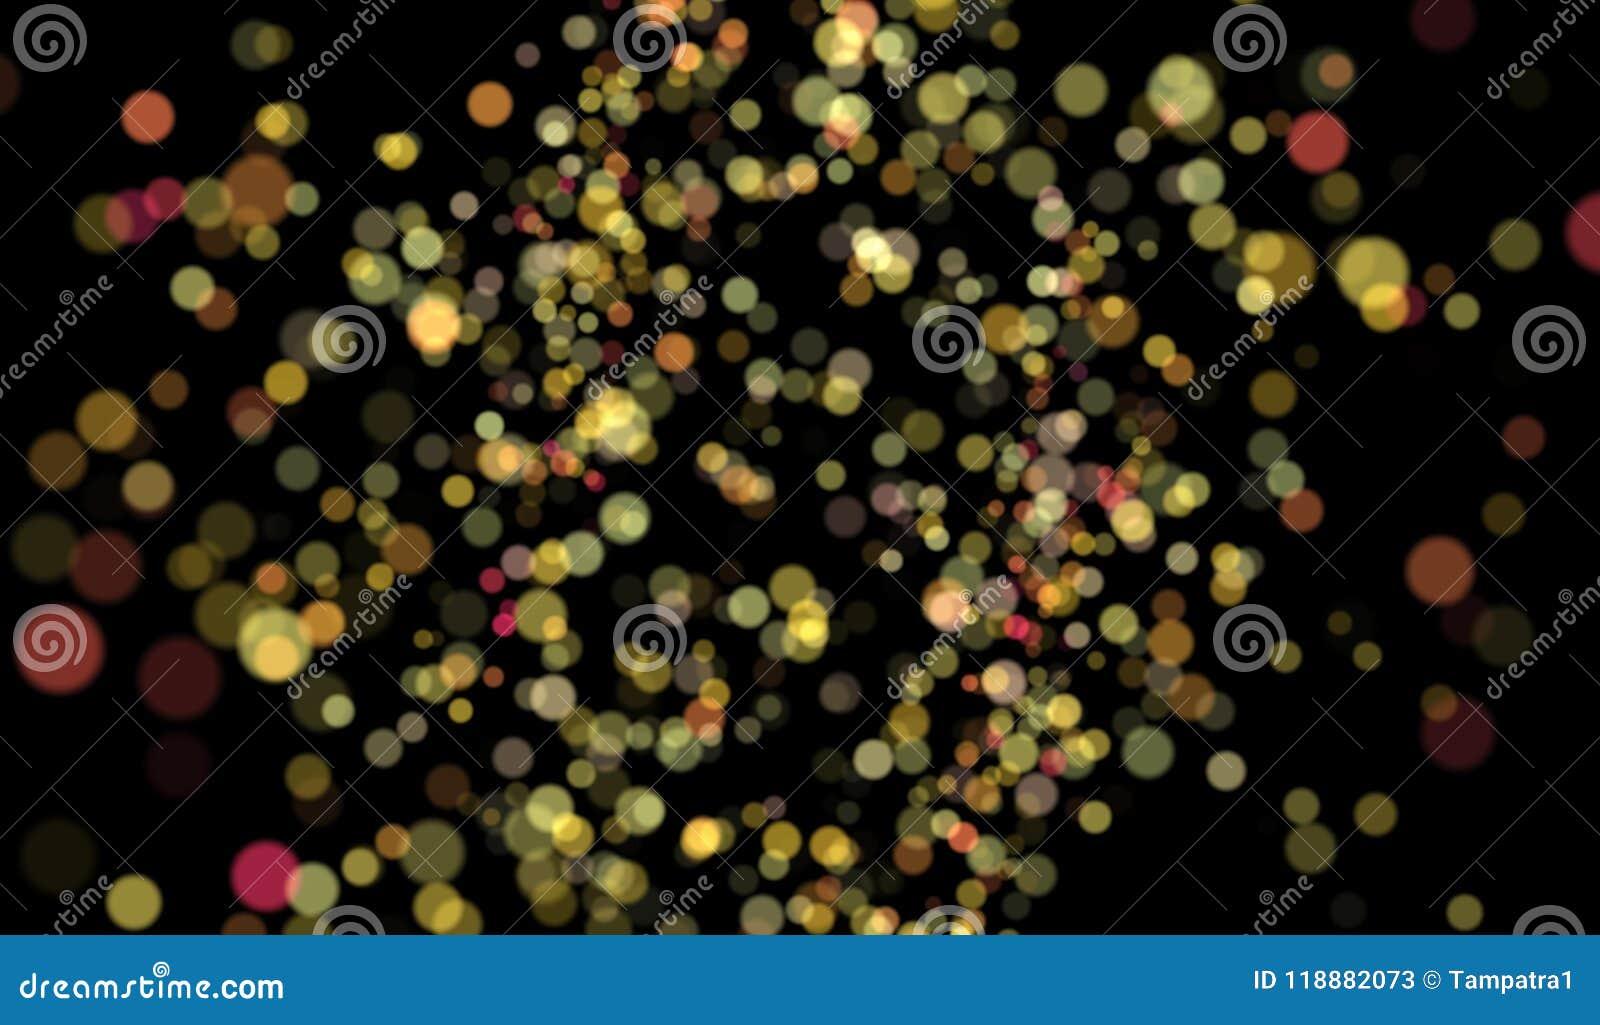 Abstrakcjonistyczny kolorowy rozmyty bokeh na czarnym tle, 3d